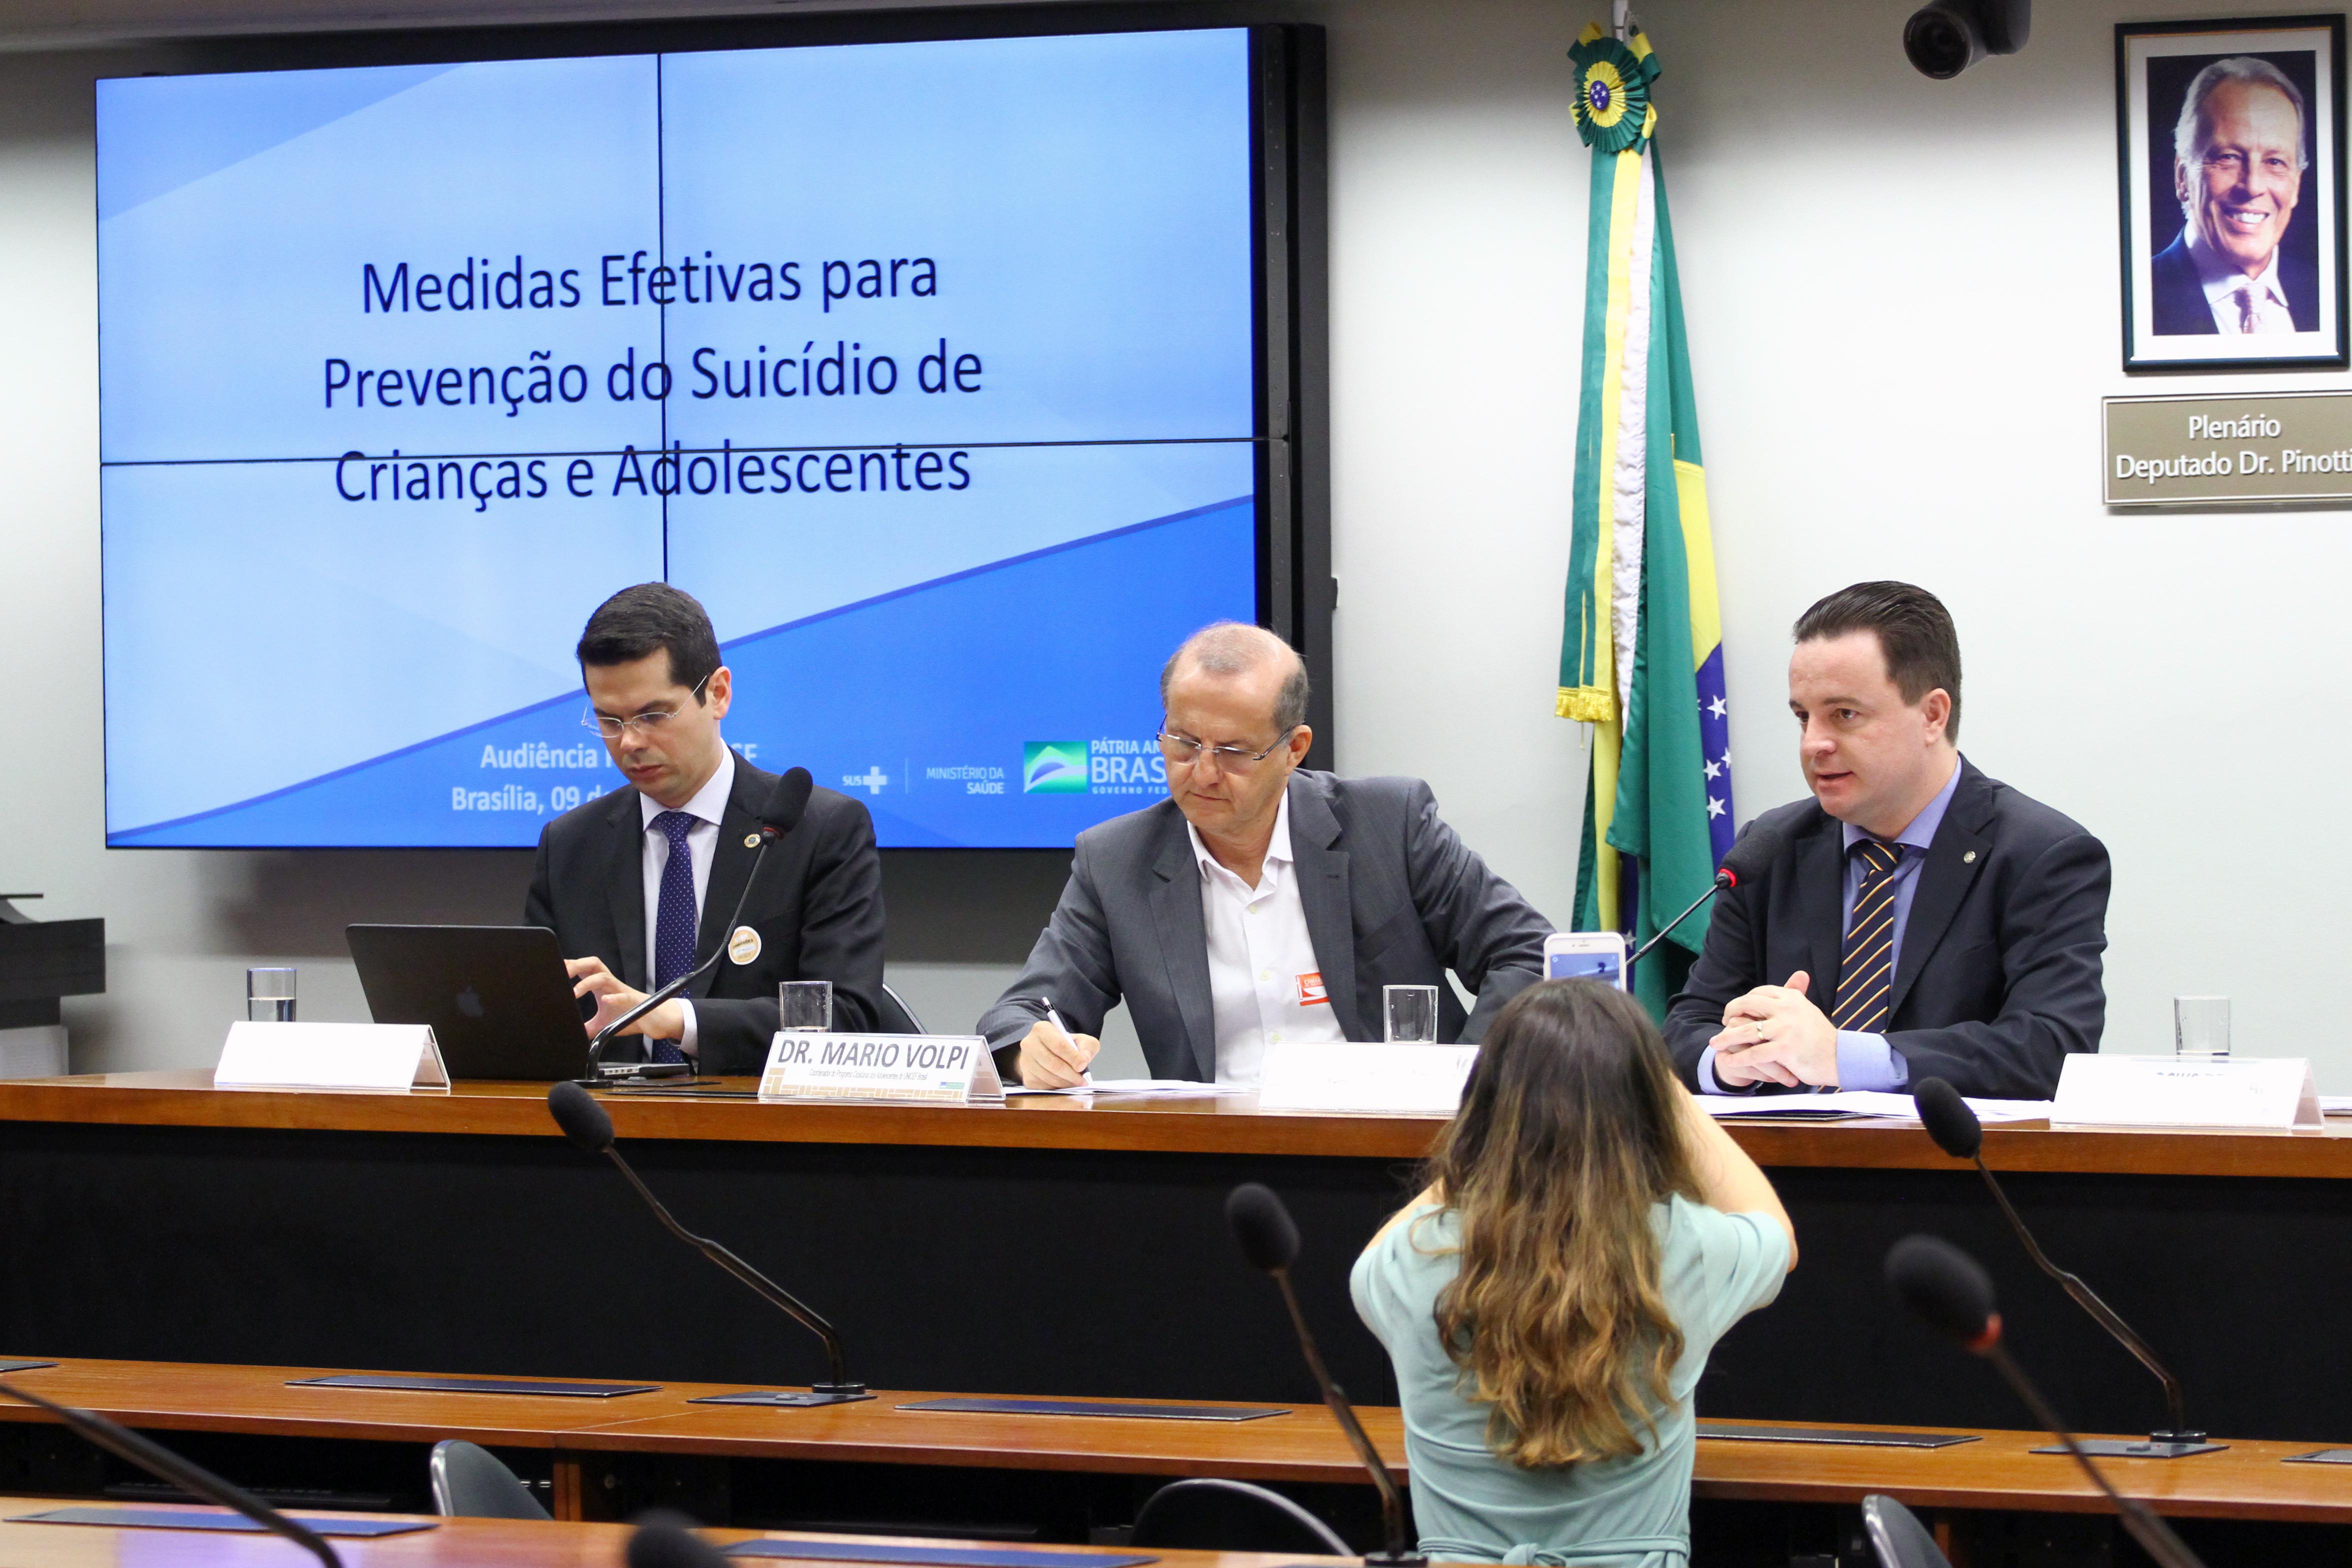 Audiência pública para discussão sobre medidas efetivas para a prevenção do suicídio de crianças e adolescentes